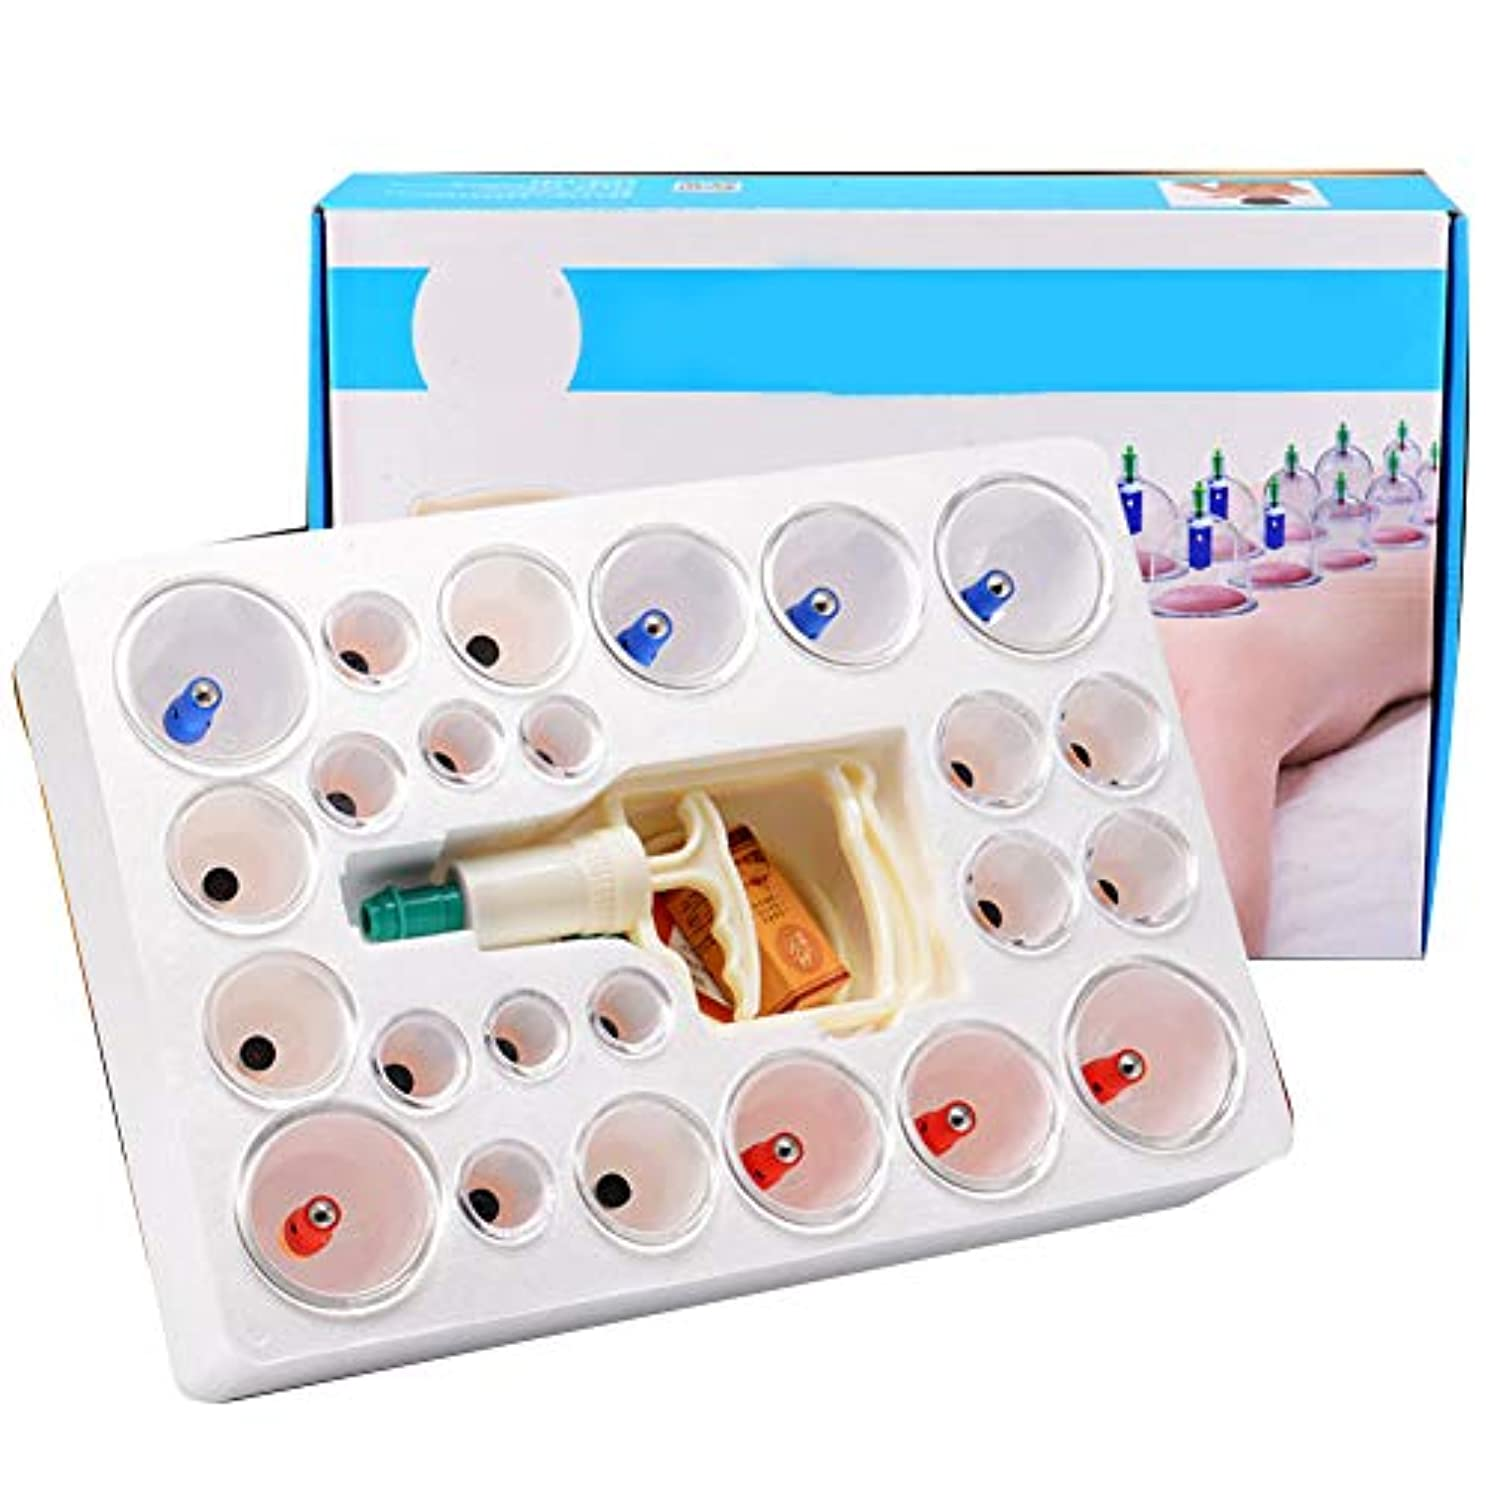 電圧衝突神話24カップマッサージカッピングセット、真空吸引中国式ツボ療法、在宅医療、全身チクチク硬さ疲労用、ポンプガン延長チューブ付き